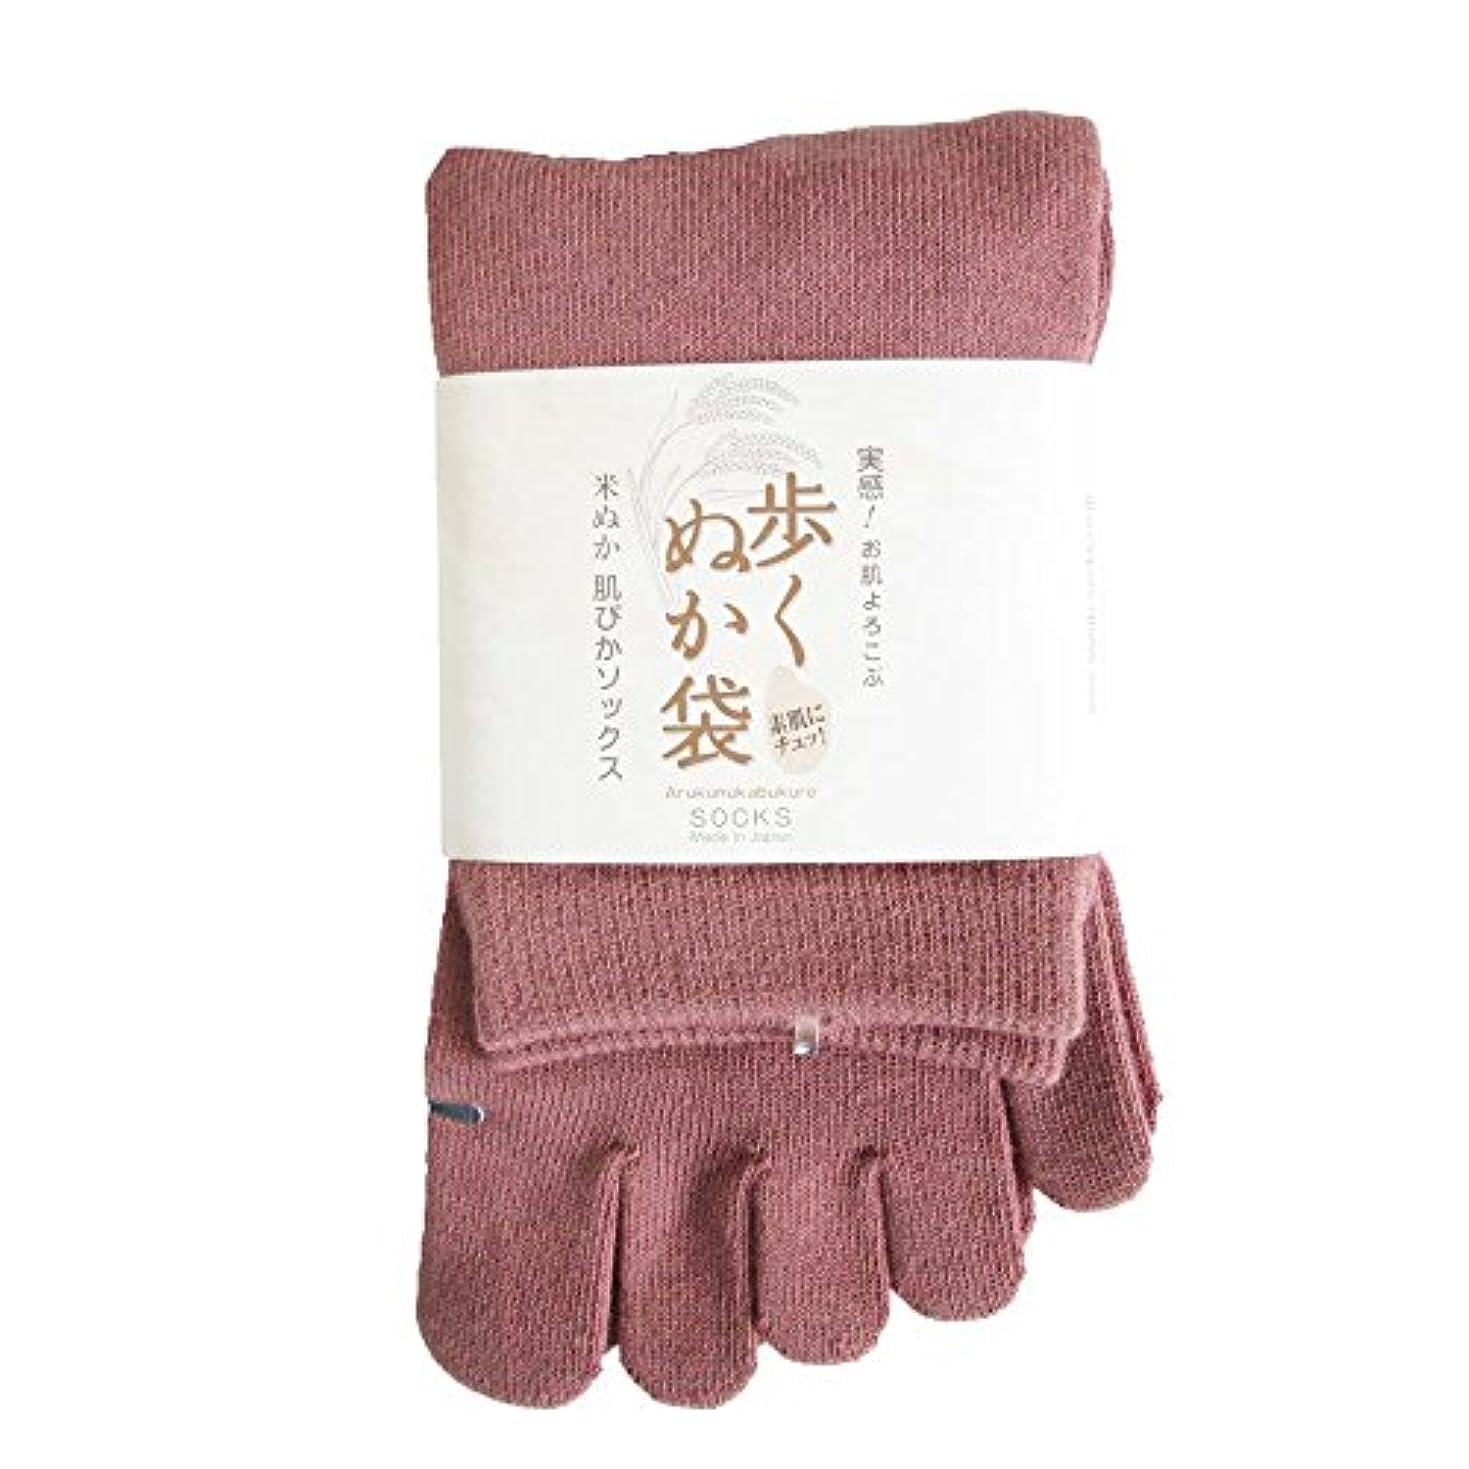 舗装開発するウール歩くぬか袋 米ぬかシリコン五本指 23-25cm ピンク